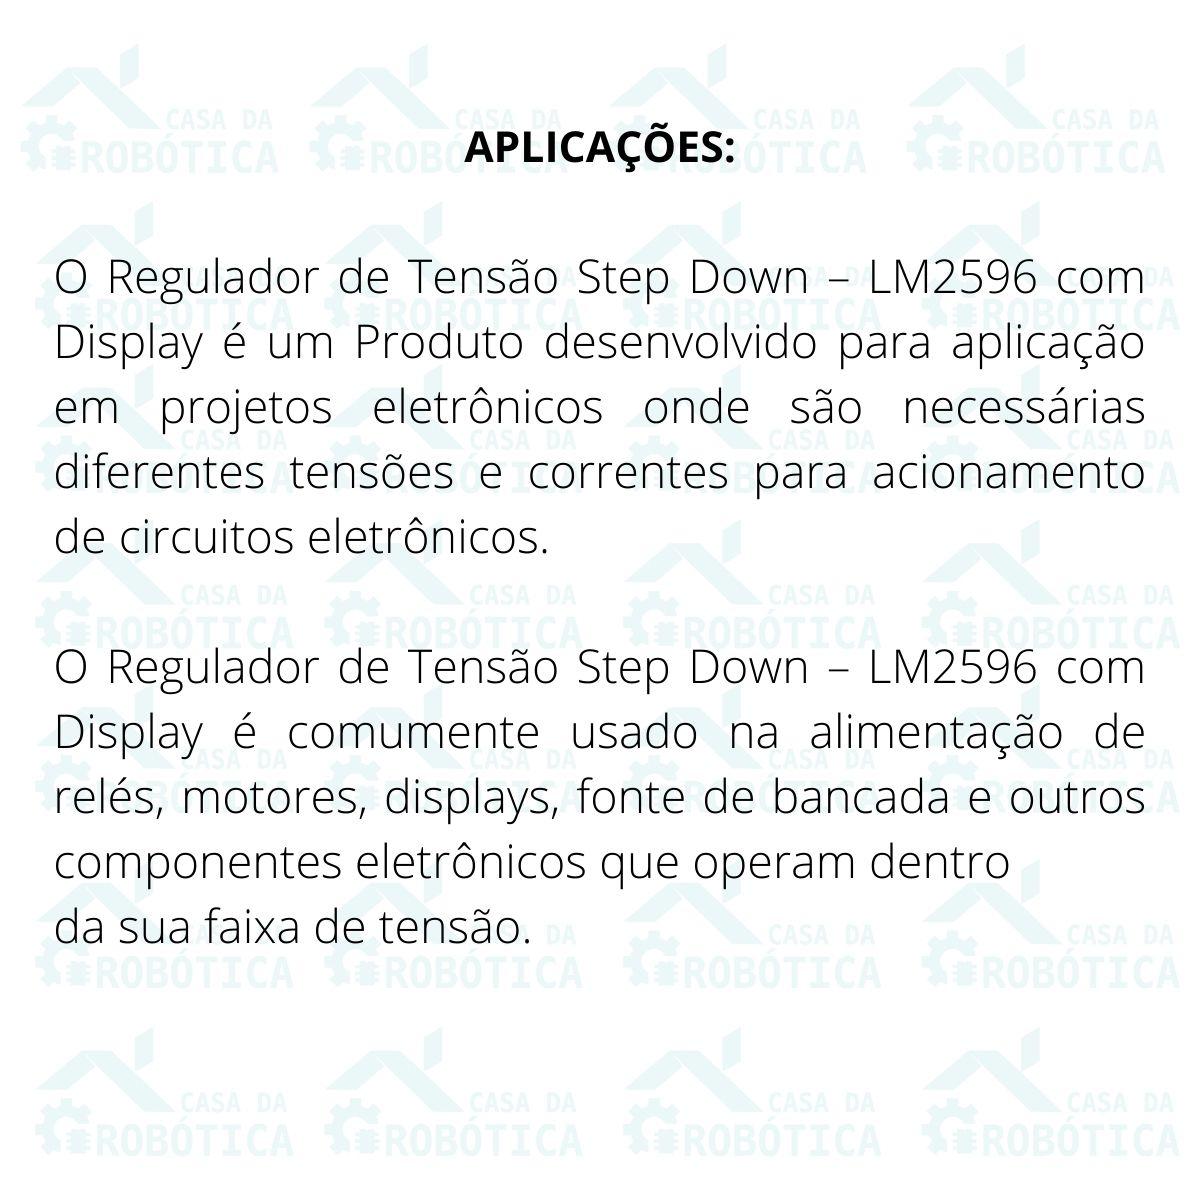 4x Regulador de Tensão Step Down Ajustável LM2596 DC-DC com Display